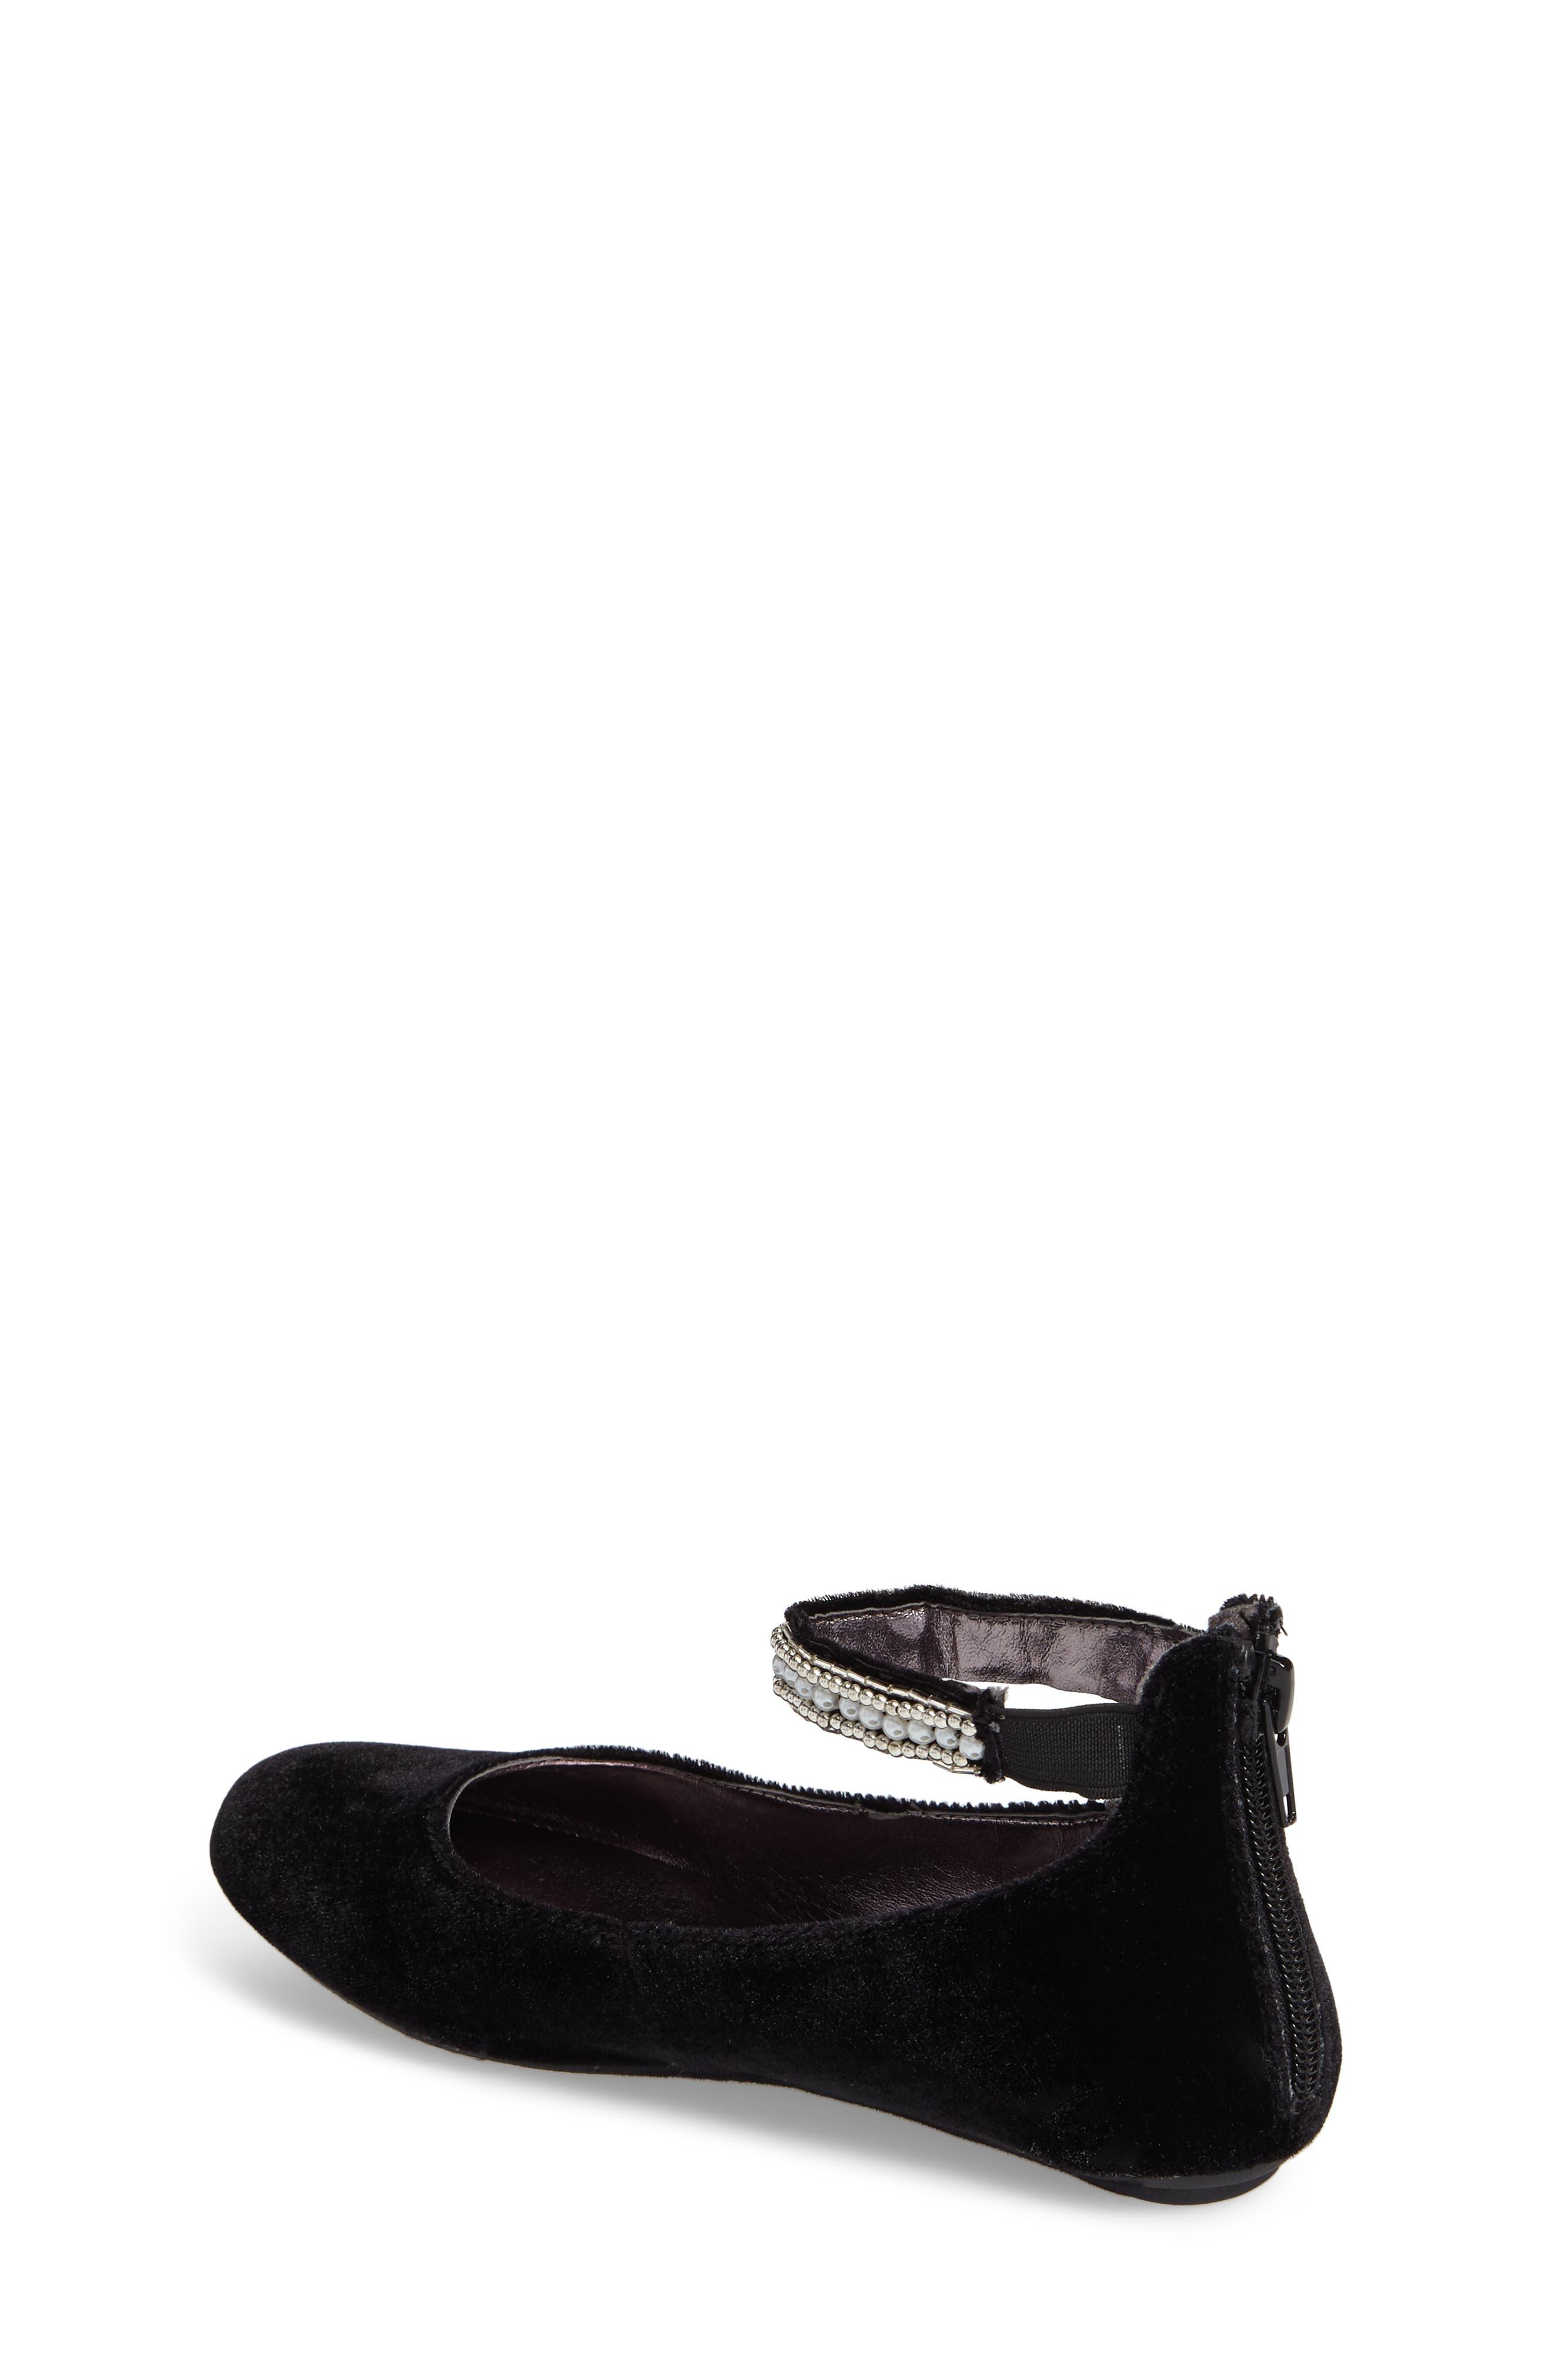 Zilerp Embellished Ankle Strap Flat,                             Alternate thumbnail 2, color,                             Black Velvet